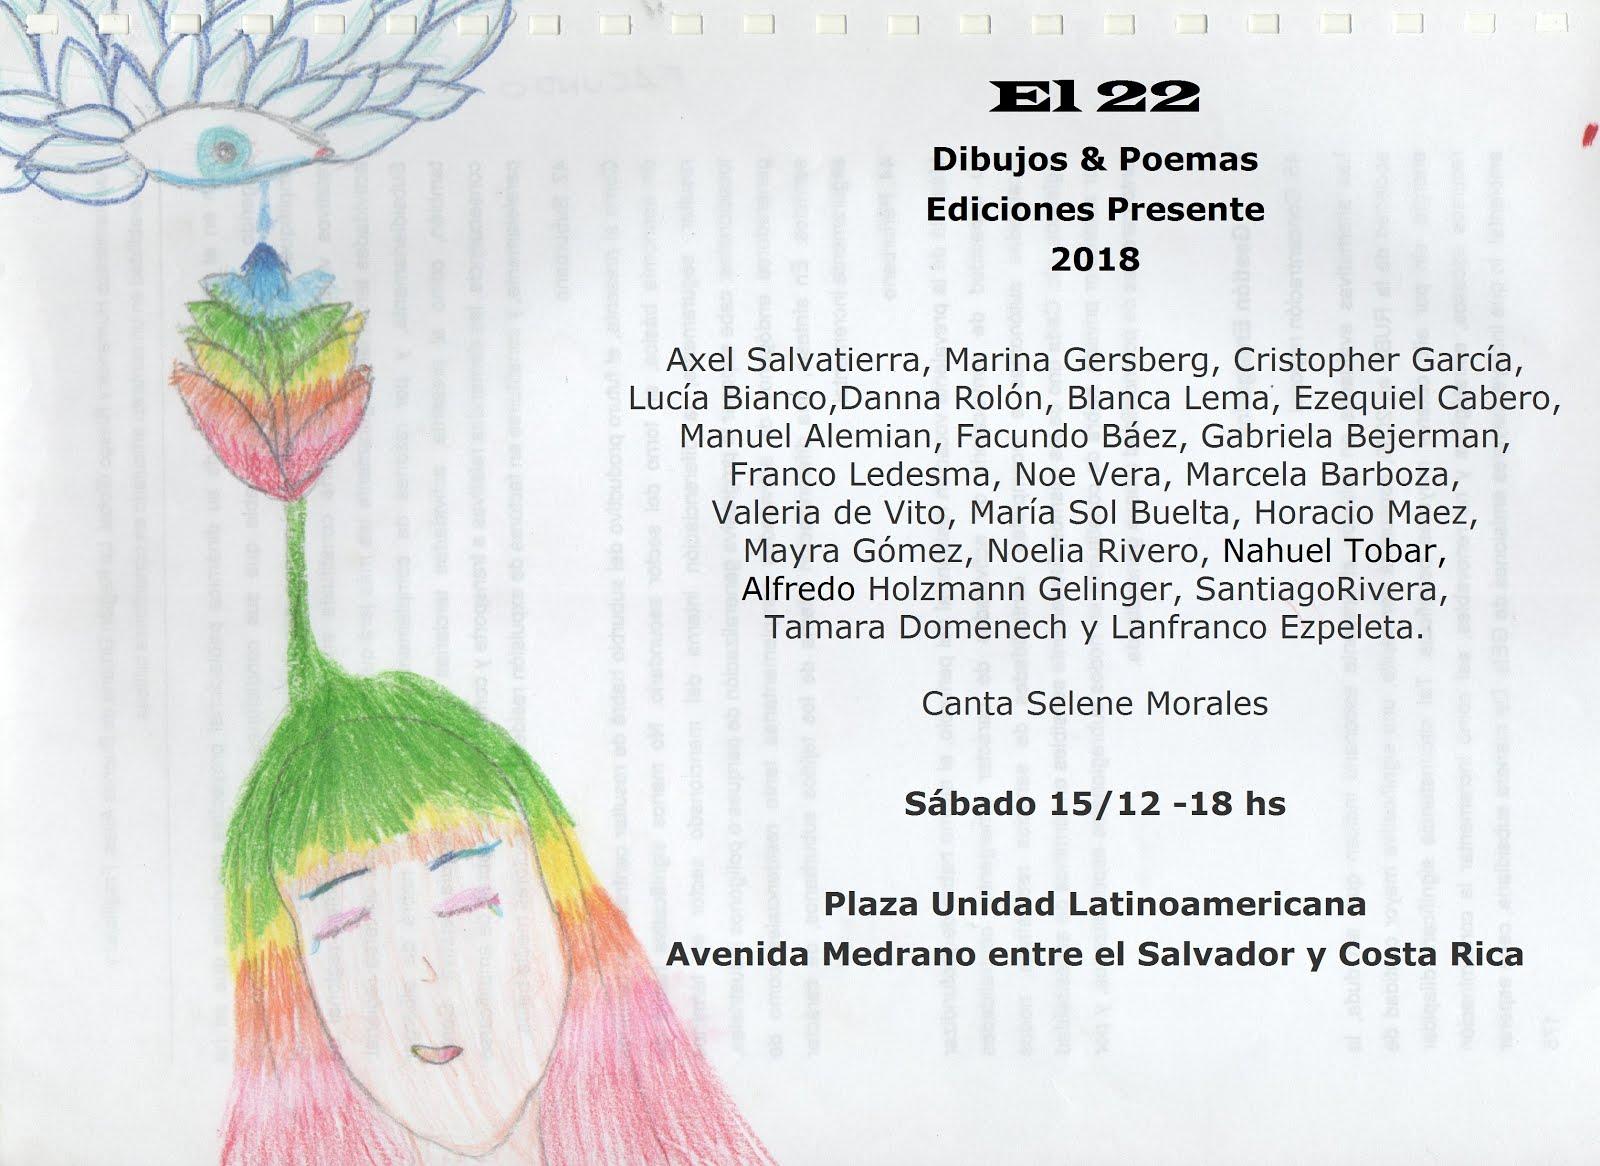 El 22. Ediciones Presente. 2018.